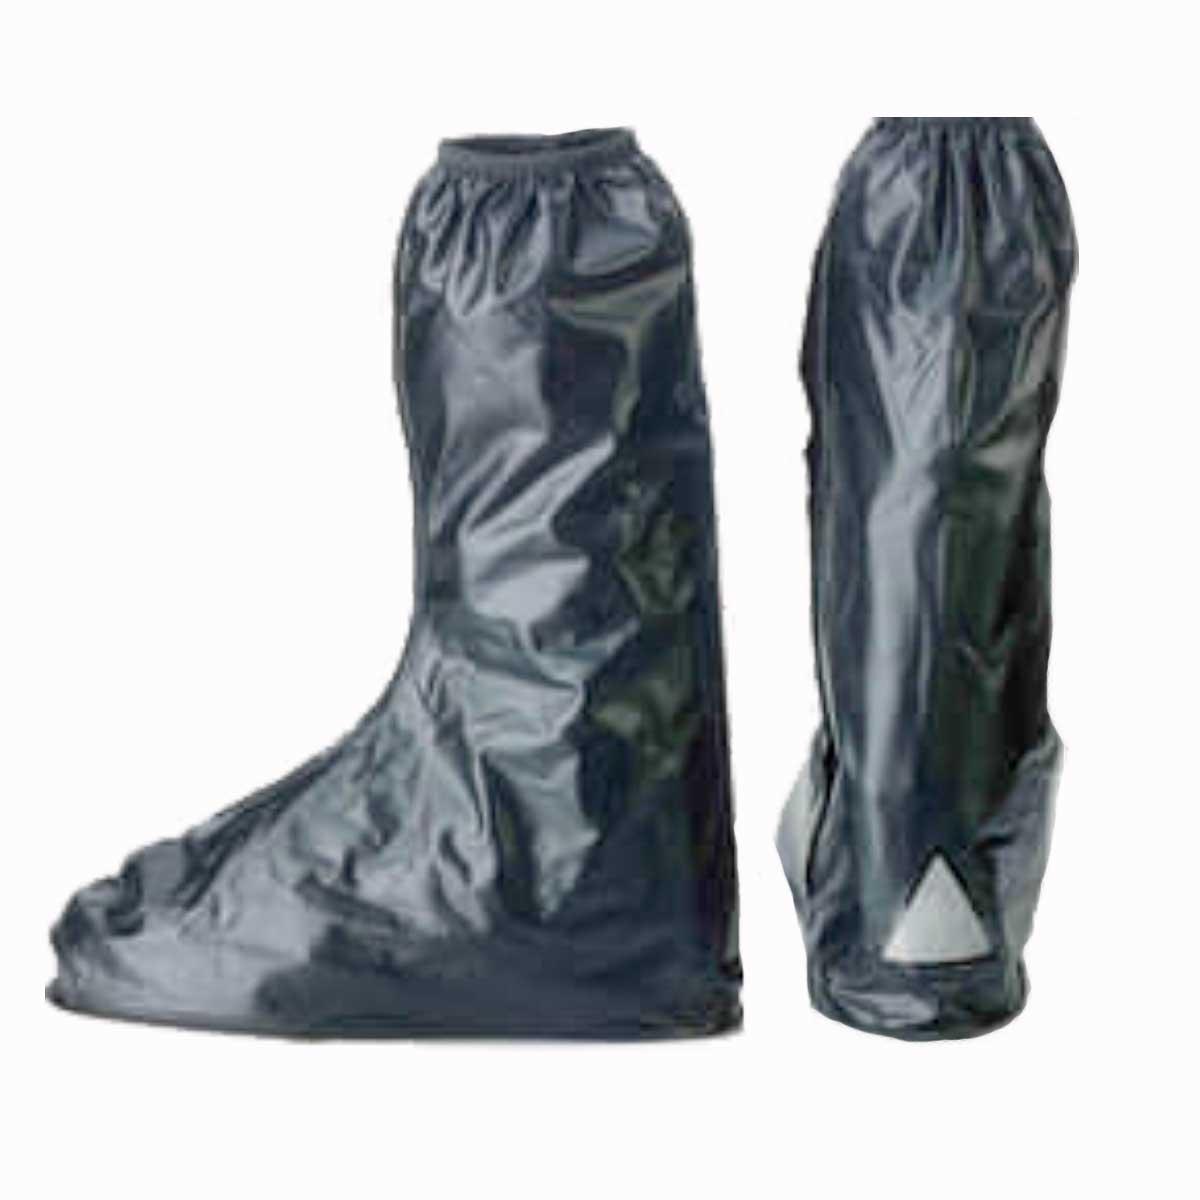 Αδιάβροχες Γκέτες – Καλύμματα Παπουτσιών